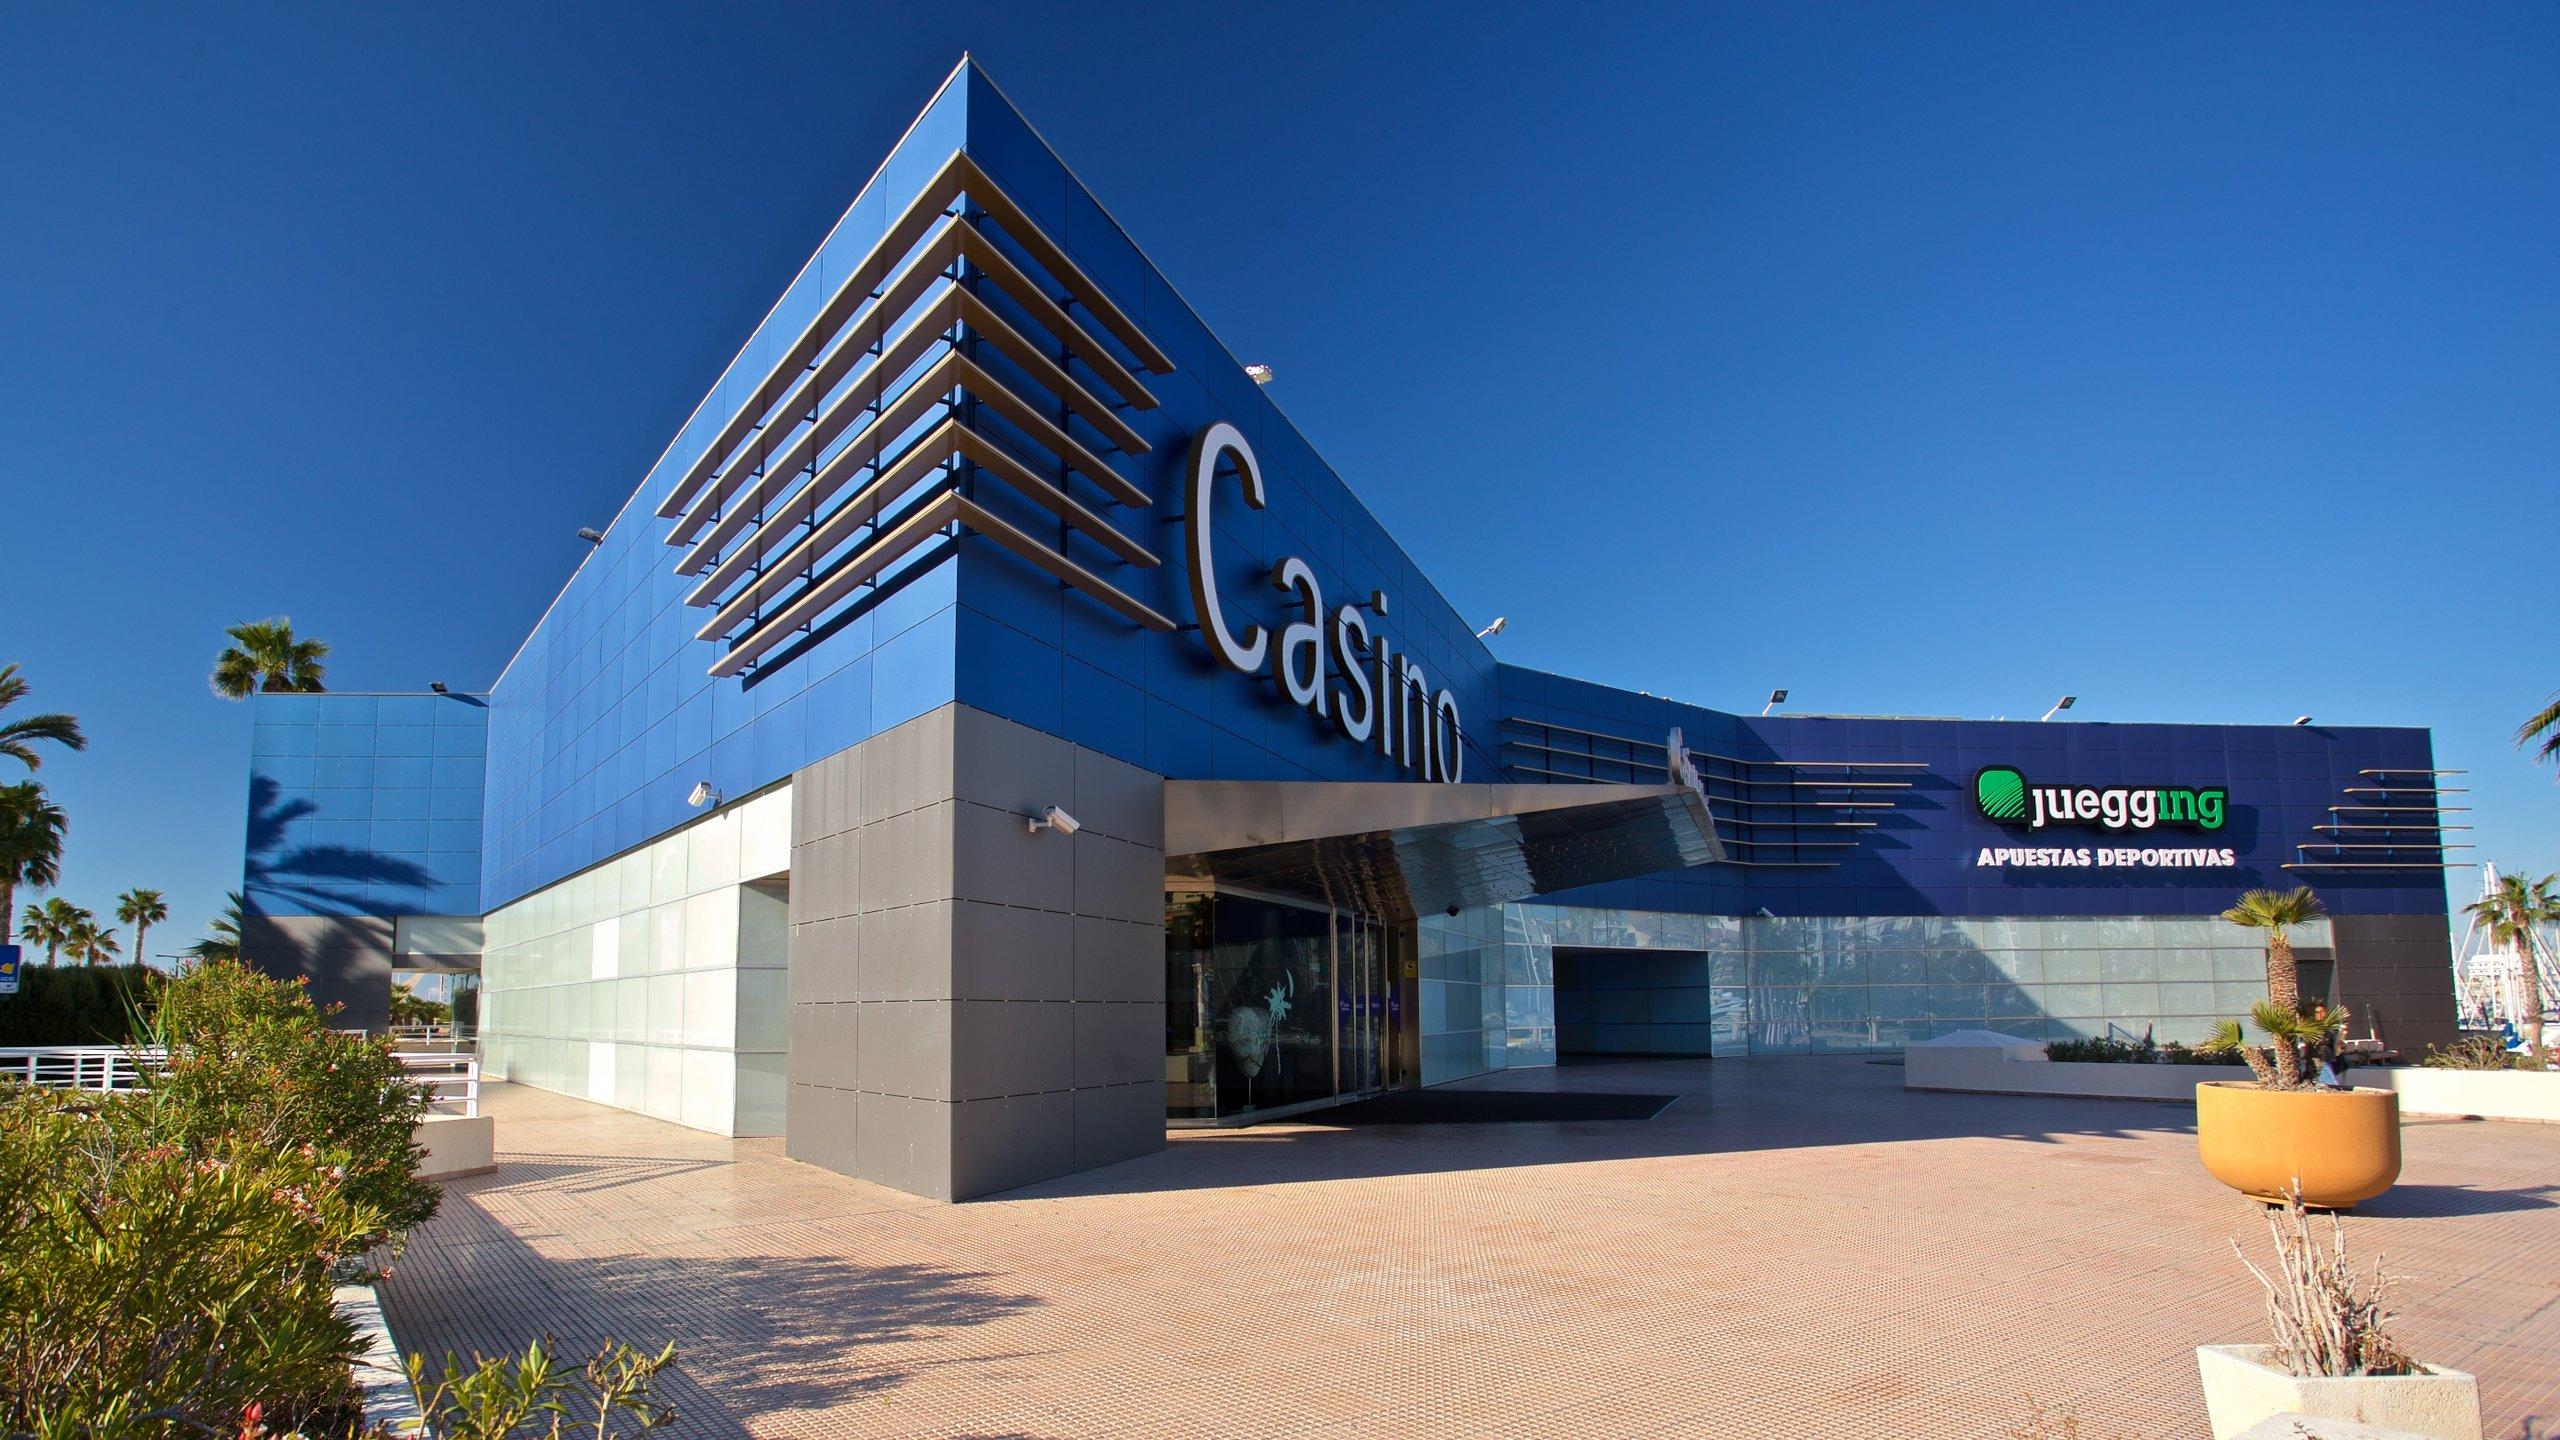 Het belangrijkste casino van Alicante is een bron van licht in de haven en biedt spelletjes en fruitmachines, evenals een uitstekend restaurant en kunstexposities.